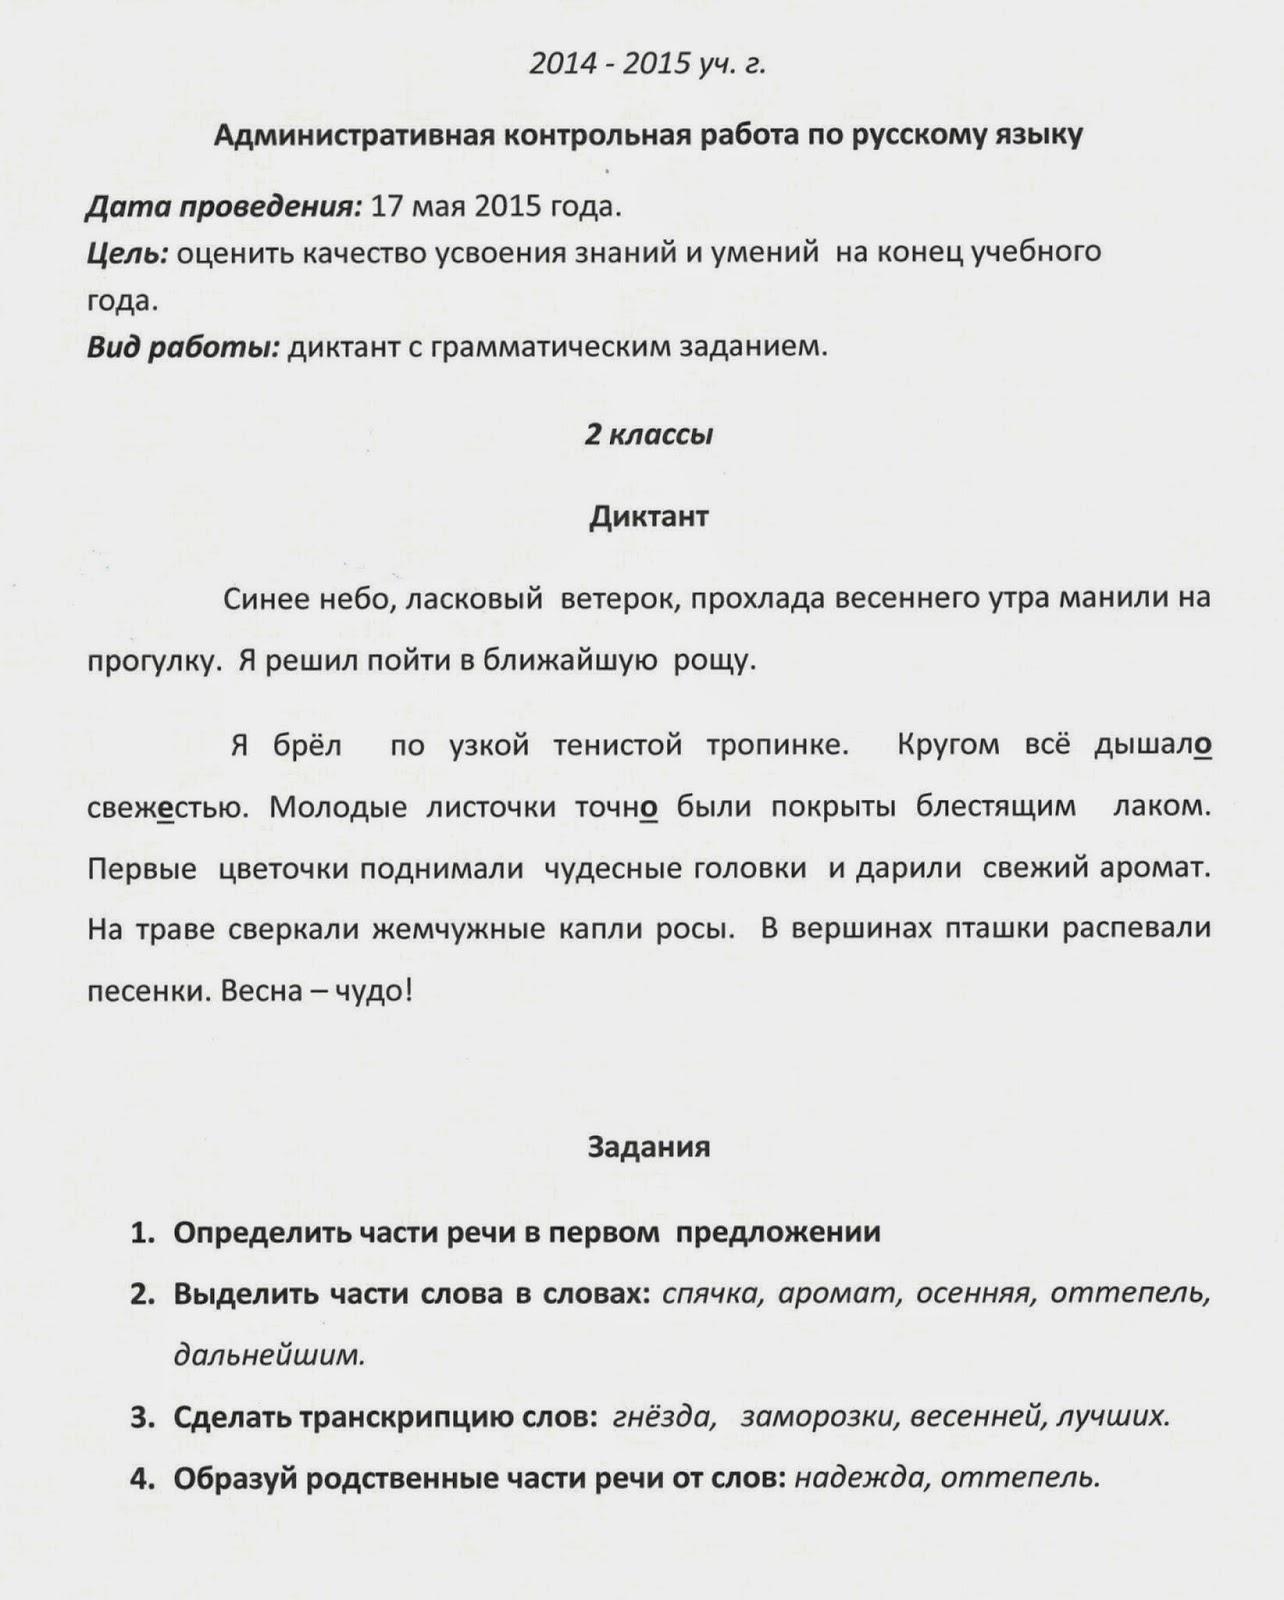 Блог класса Г  Русский язык писали административный контрольный диктант с грамматическими заданиями